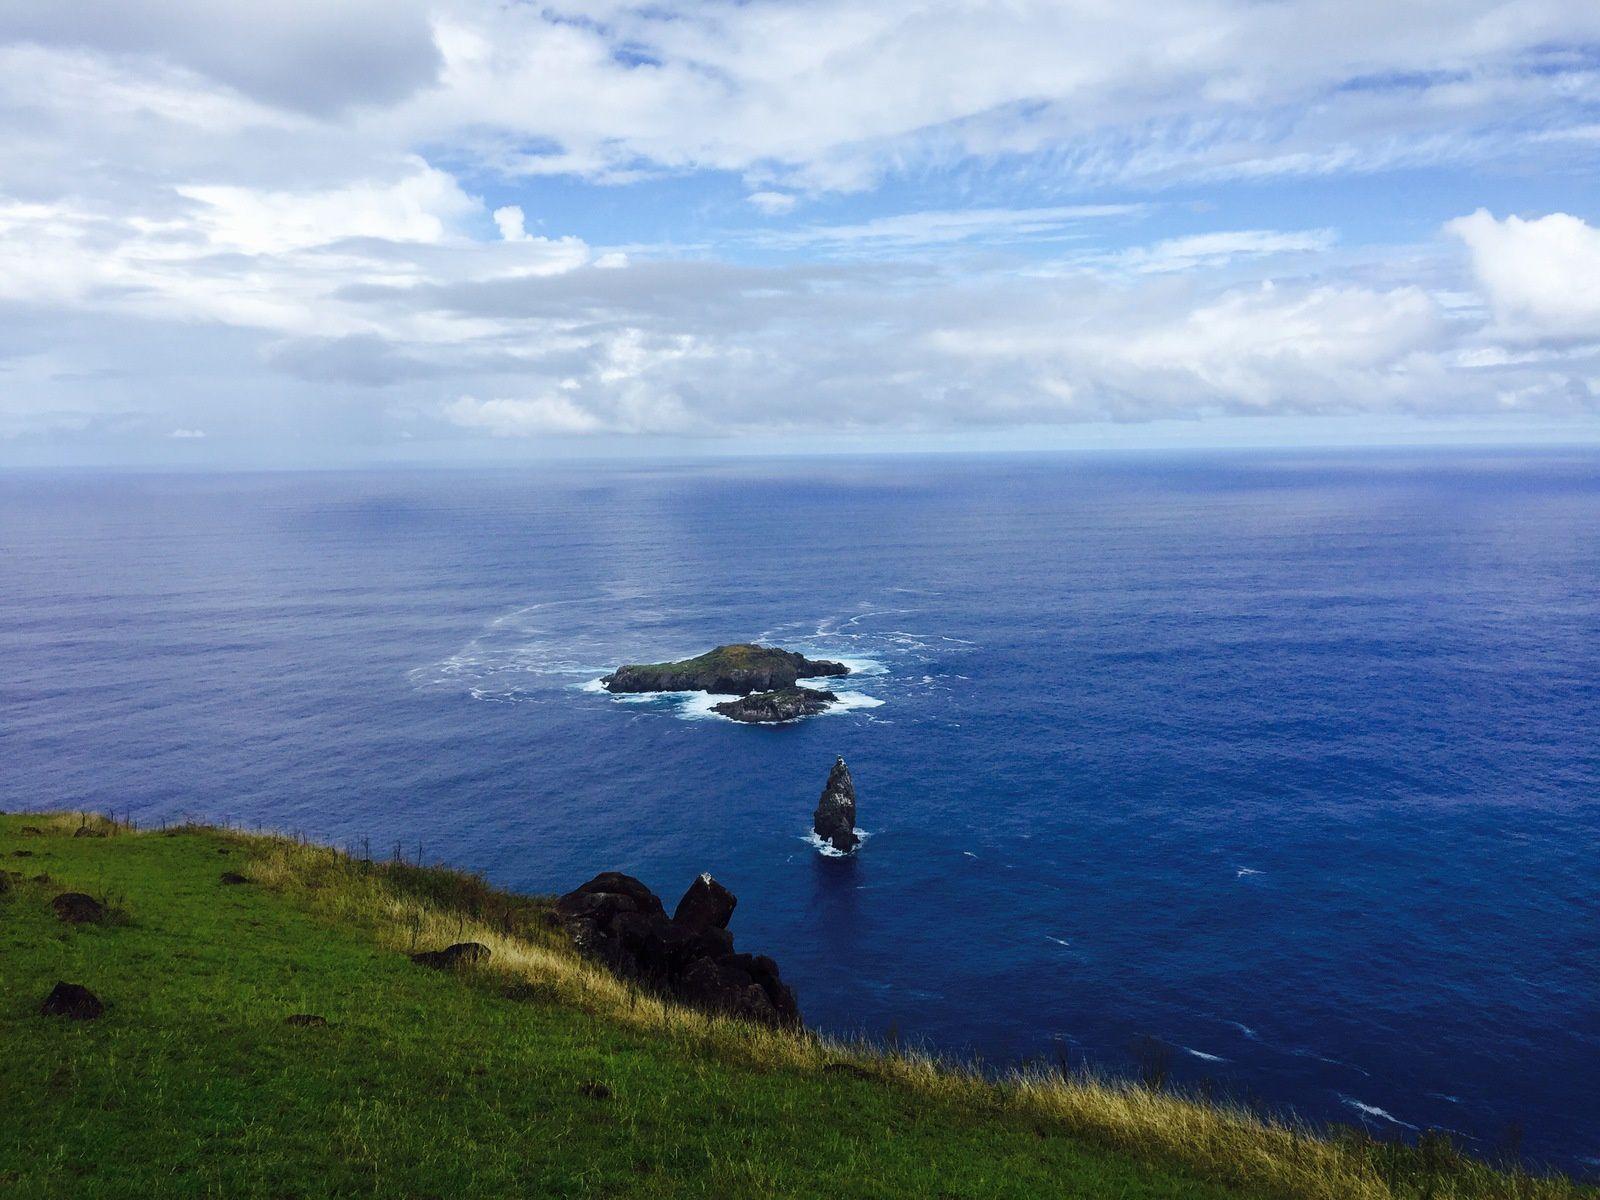 Les 3 îlots dont le plus grand était le terrain d'une compétition acharnée...